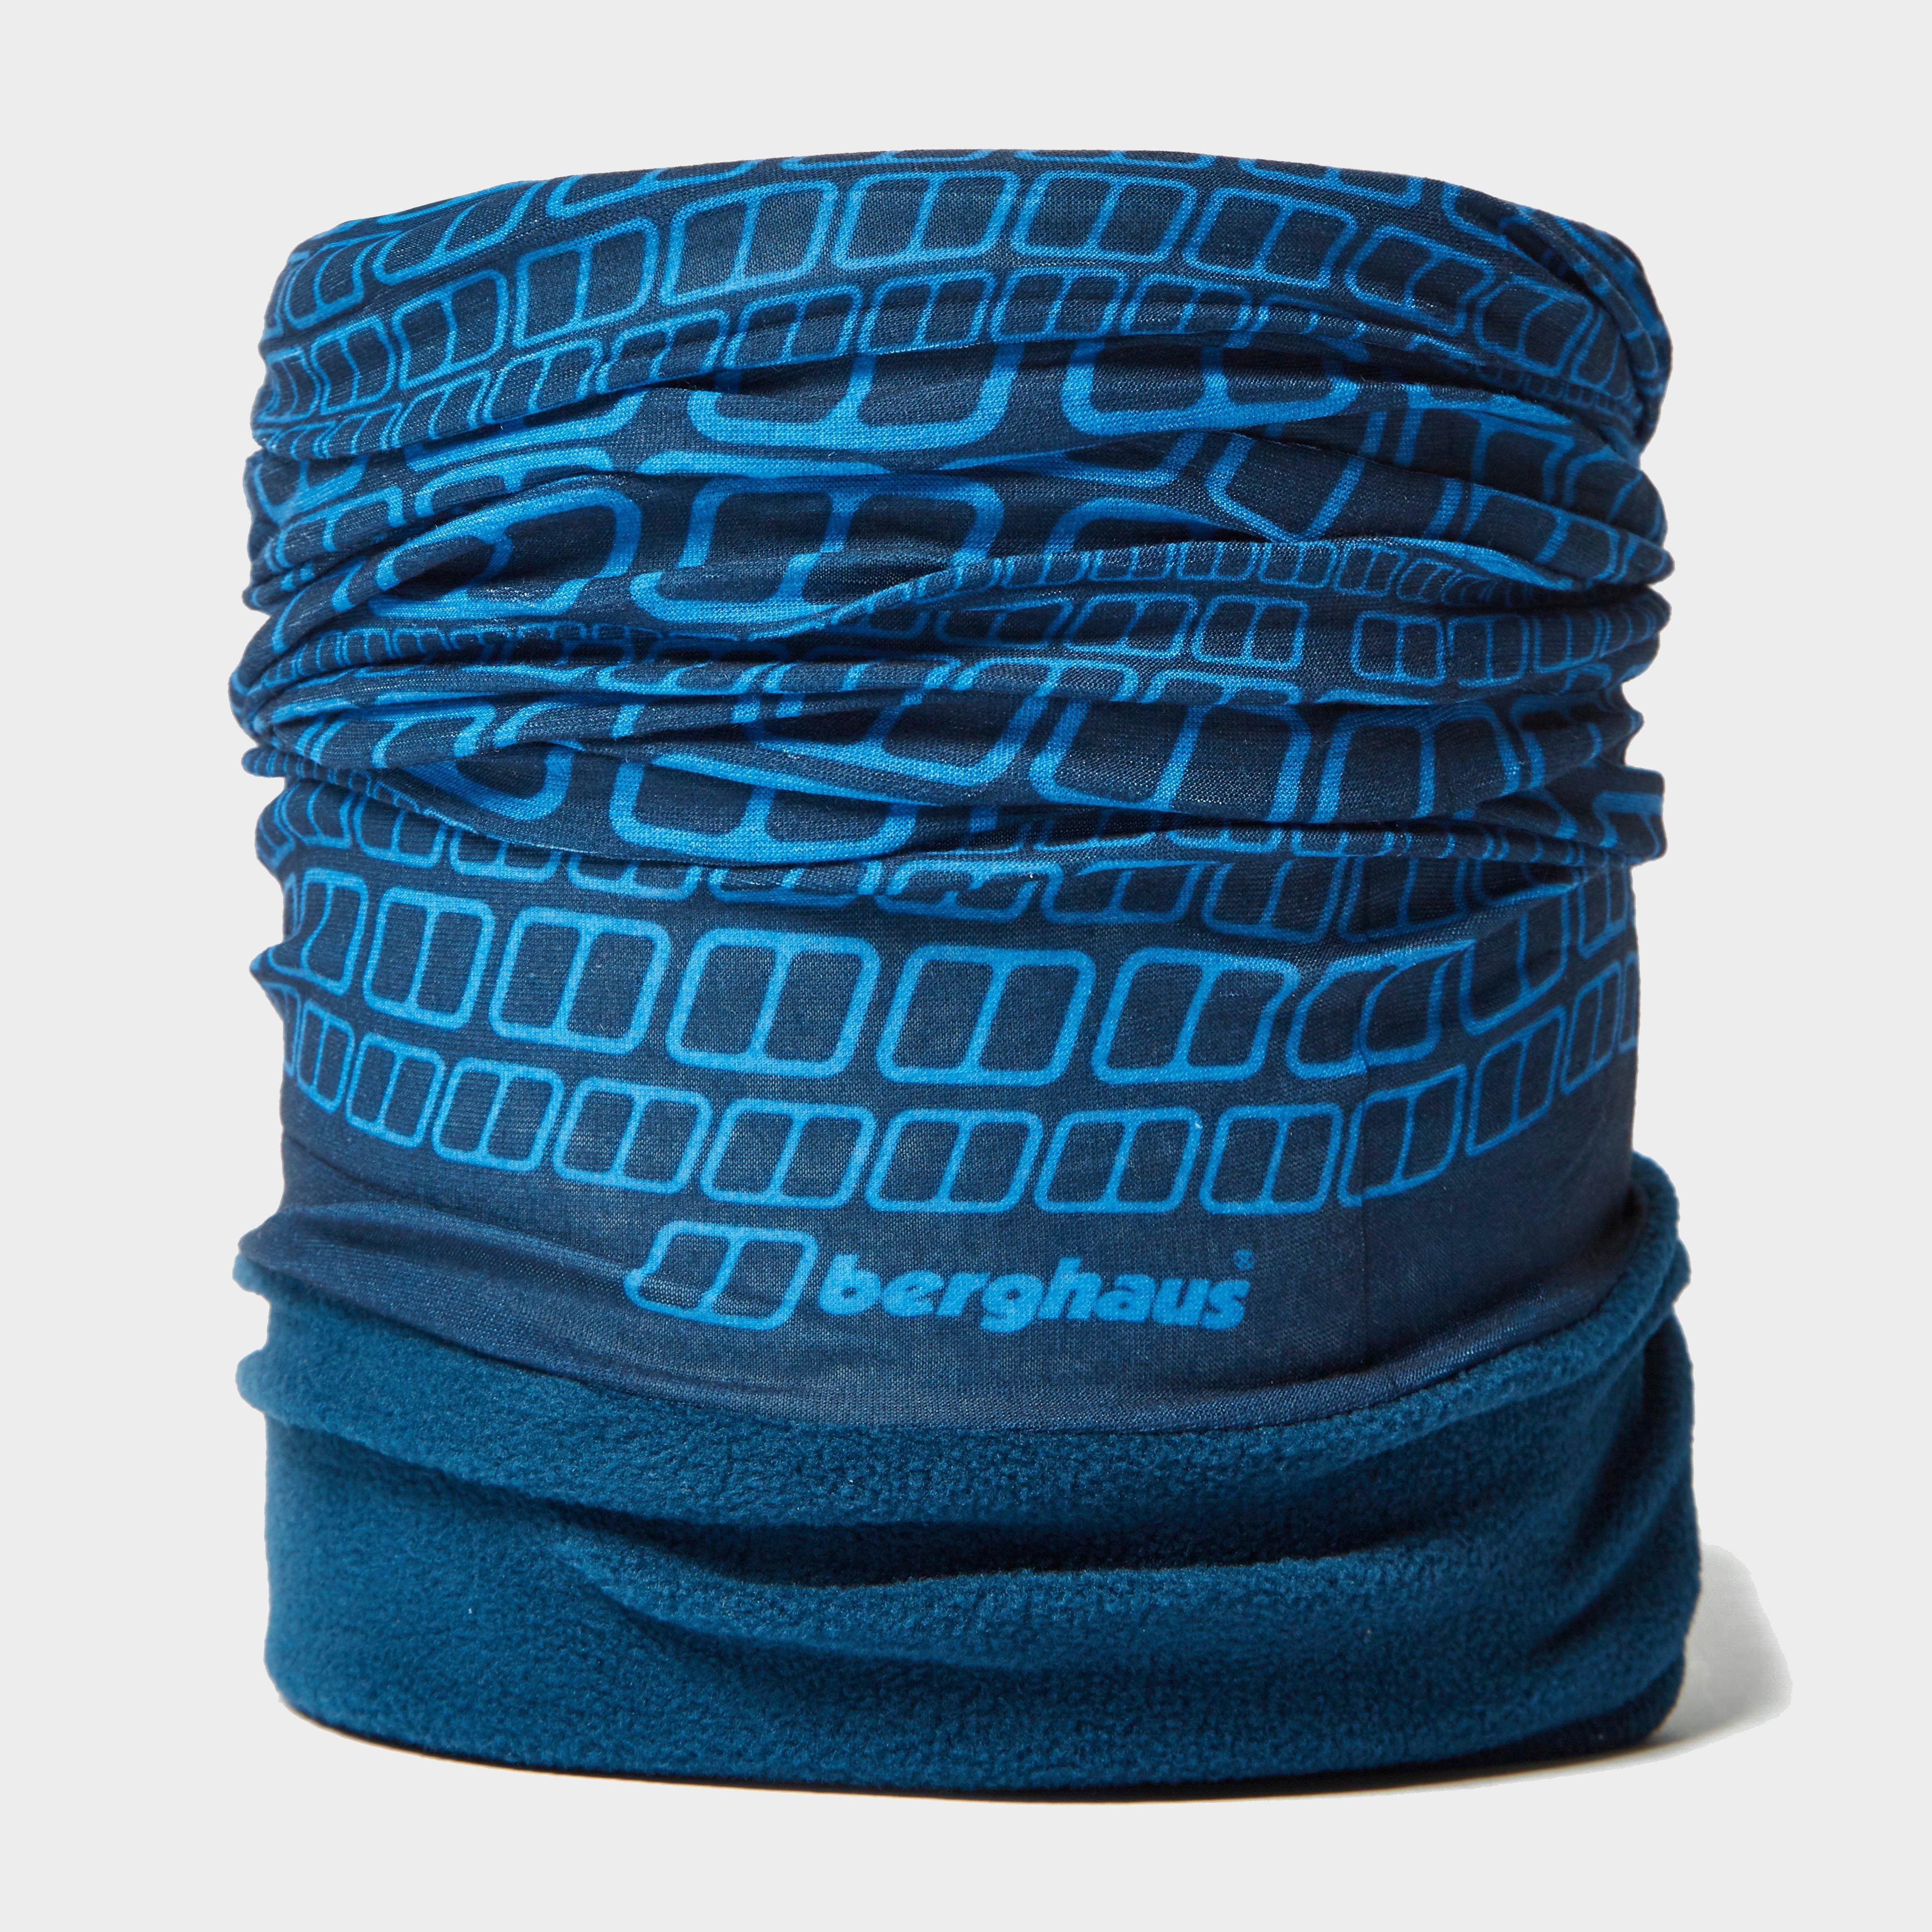 Berghaus Unisex Liner Gaiter - Blue/nvy  Blue/nvy